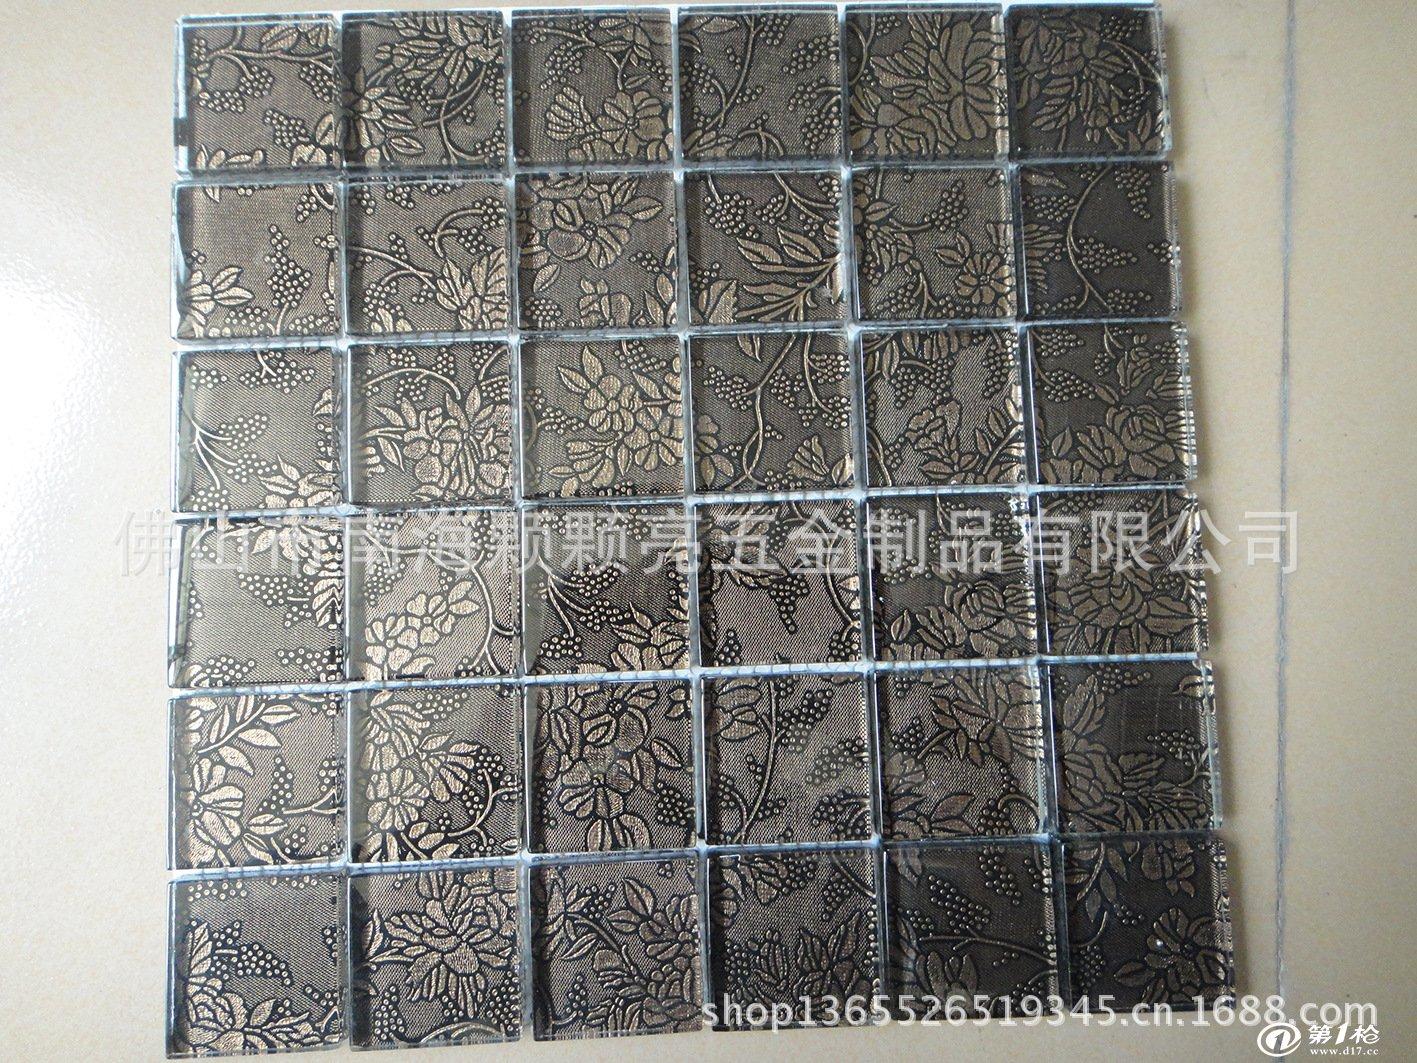 陶瓷瓷砖 釉面内墙砖 玻璃夹胶花纹马赛克厂家批发